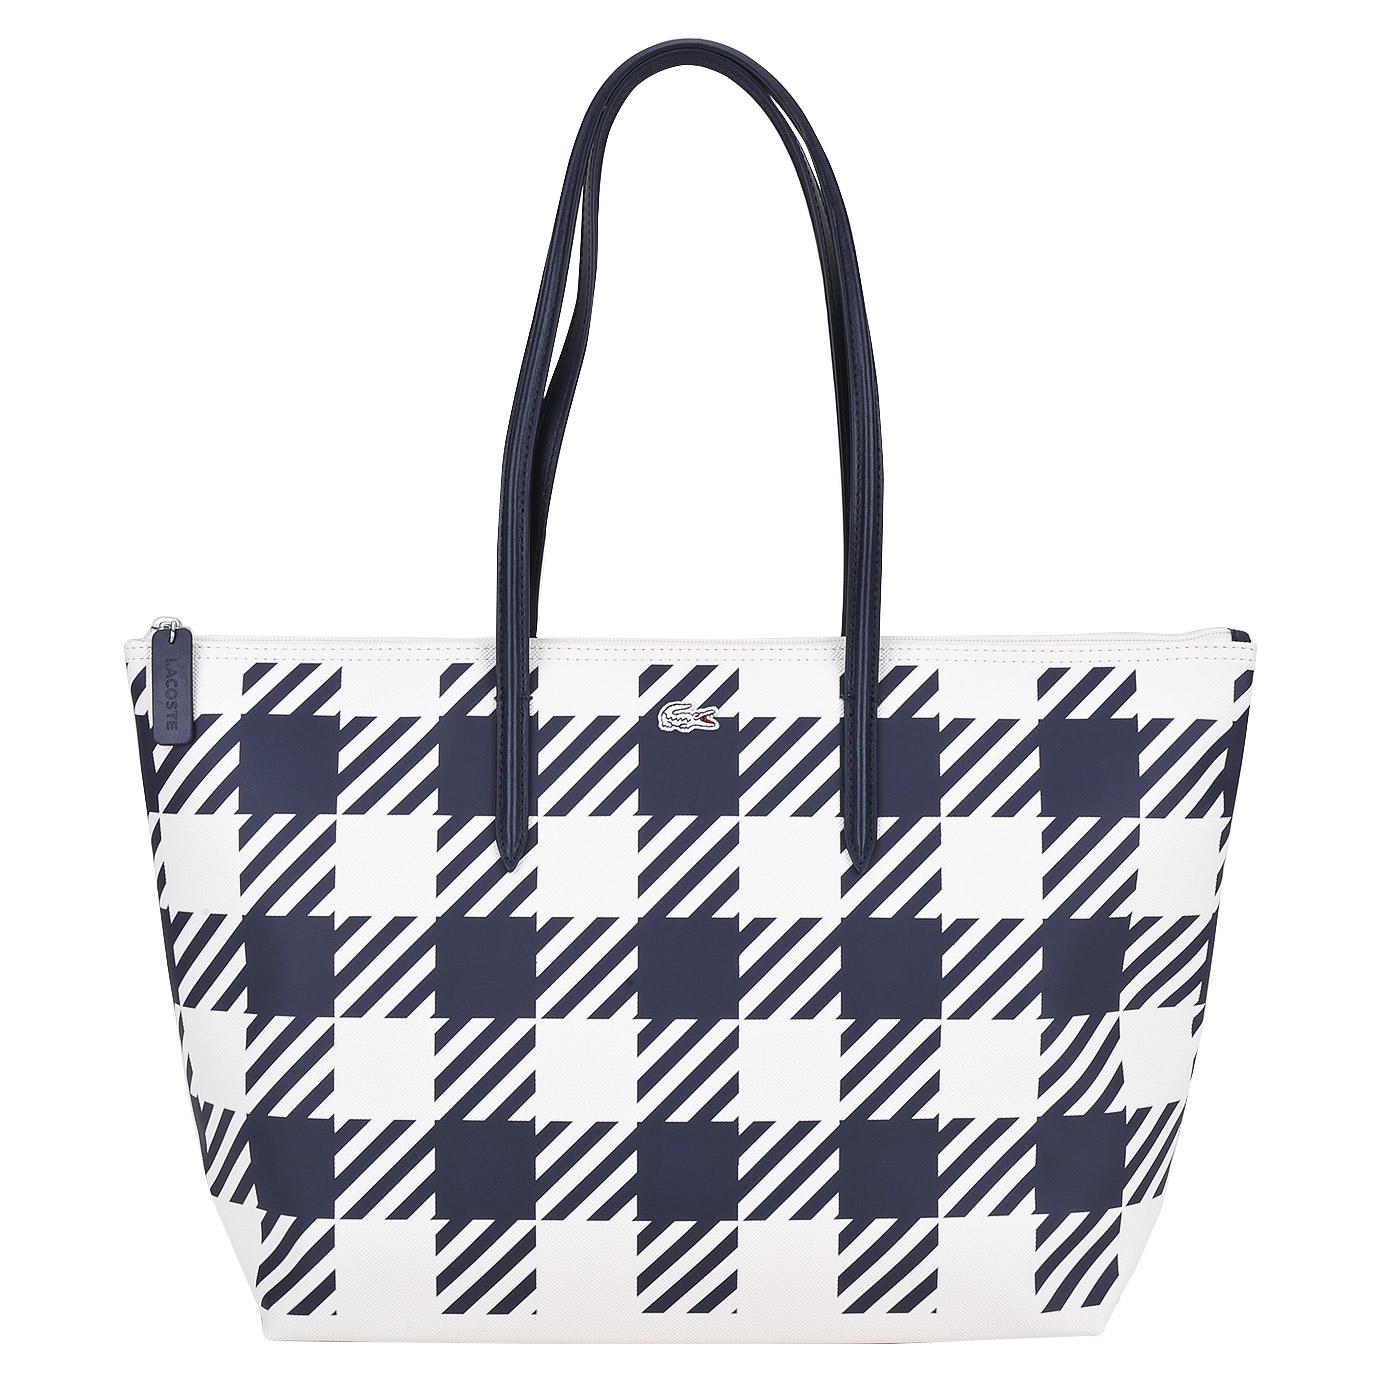 СумкаКлассические сумки<br>Закрывается на молнию. Внутри одно отделение, в котором карман на молнии.<br><br>count_sale: 30<br>new: 0<br>sale: 1